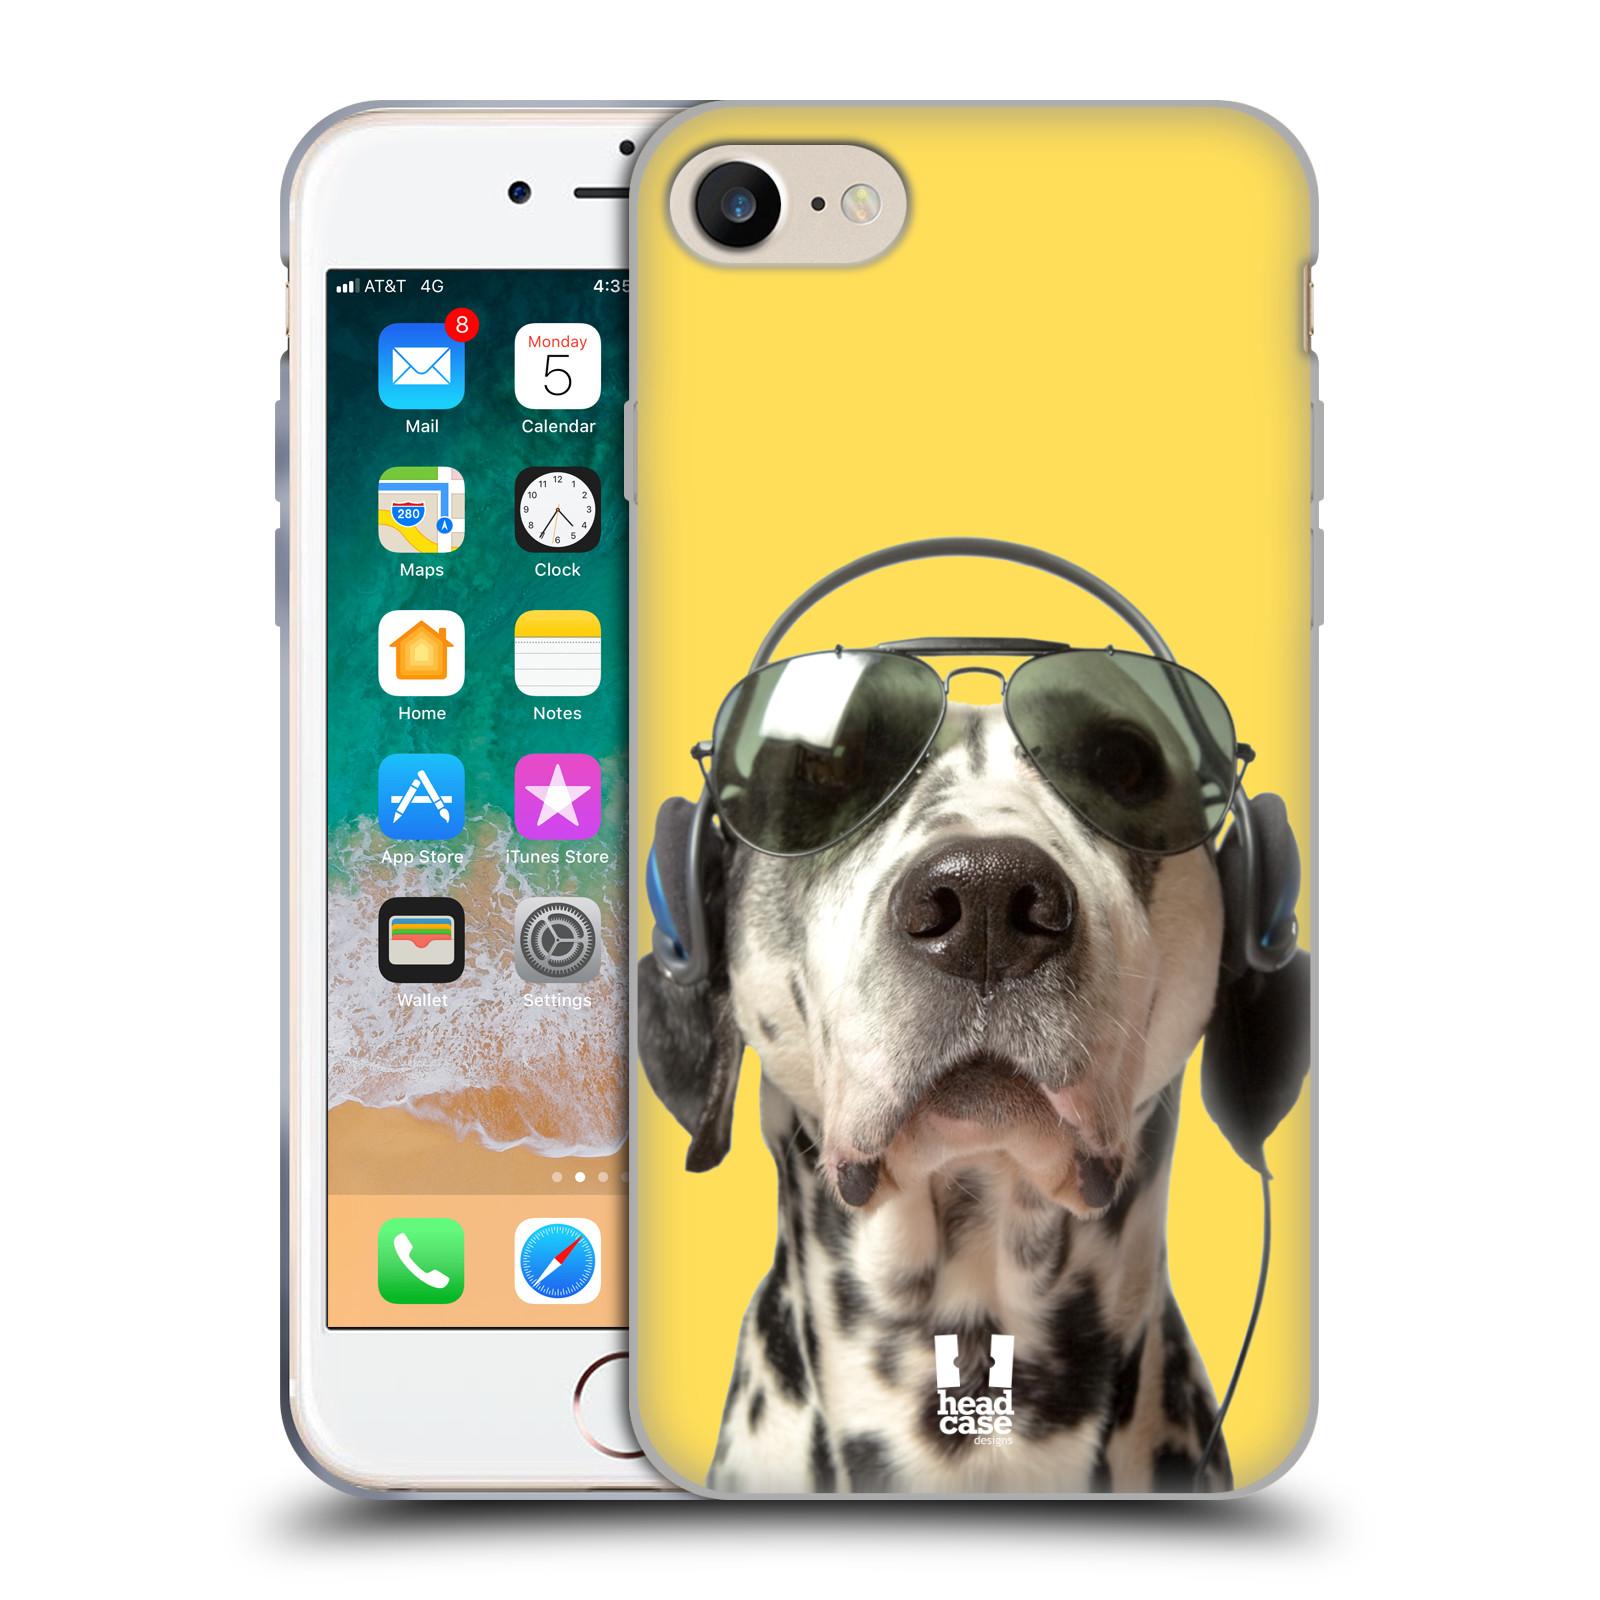 HEAD CASE silikonový obal na mobil Apple Iphone 7 vzor Legrační zvířátka dalmatin se sluchátky žlutá